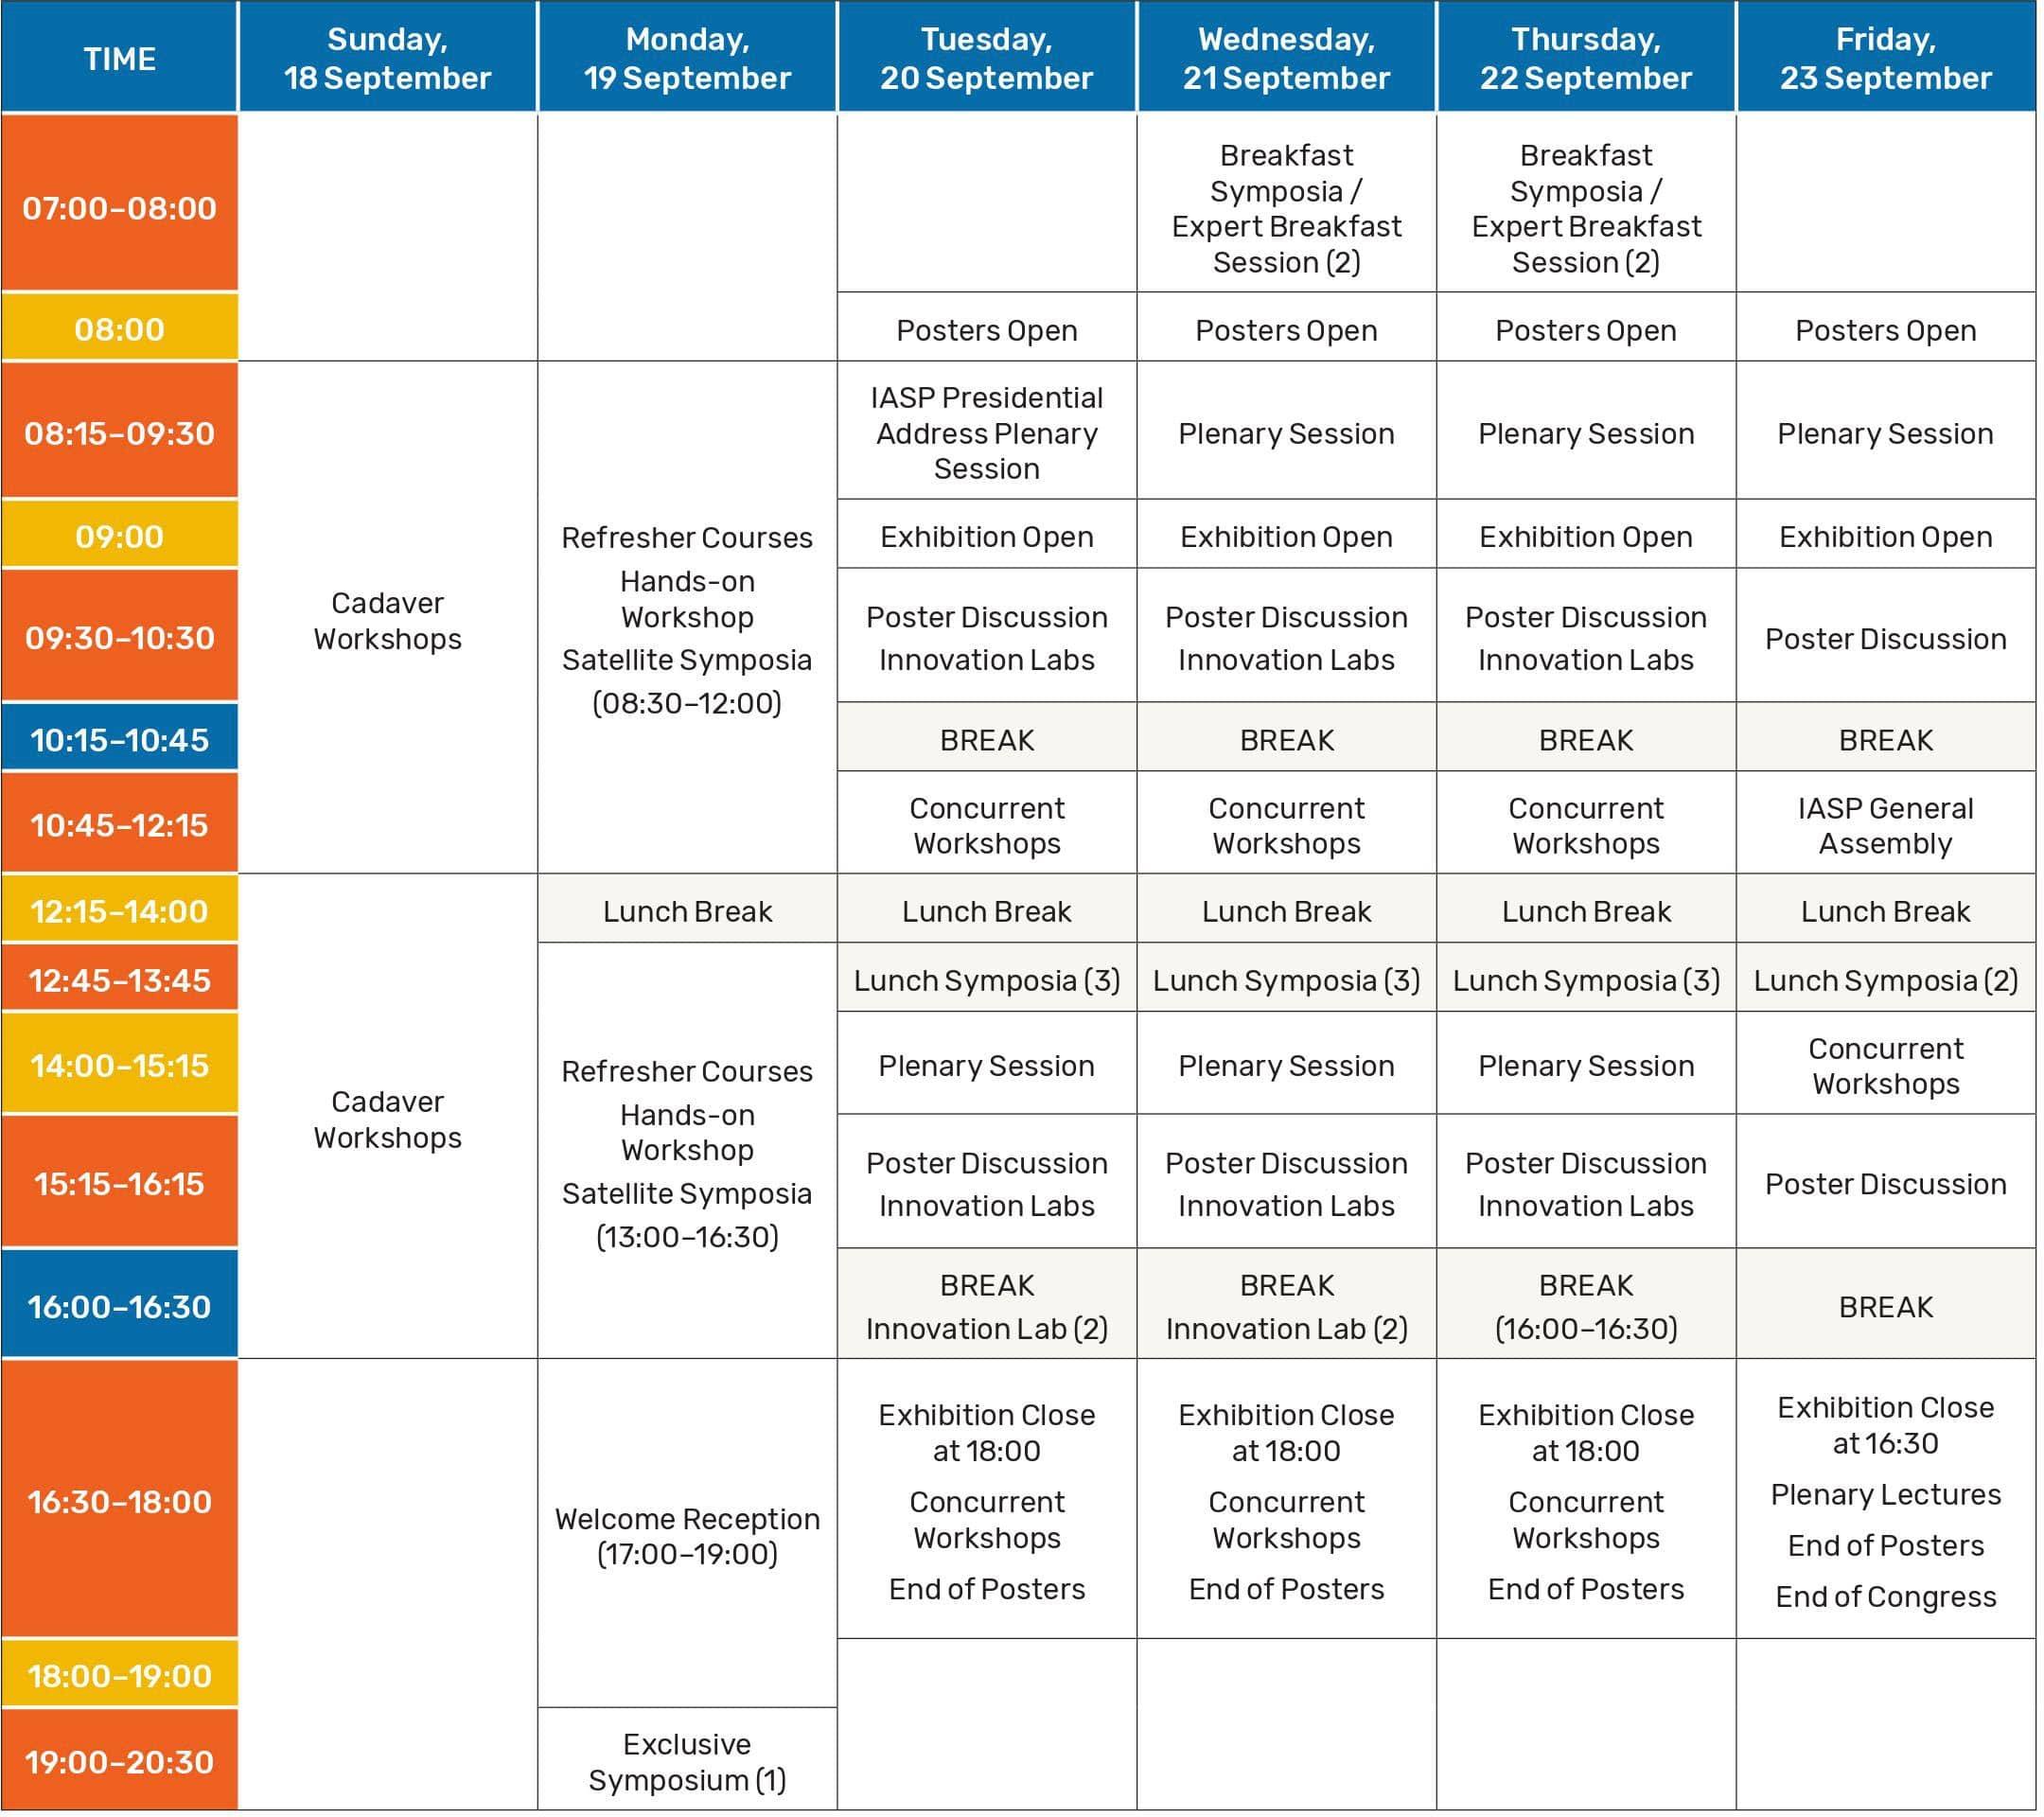 WorldCongressonPain2022-ScheduleAtAGlance